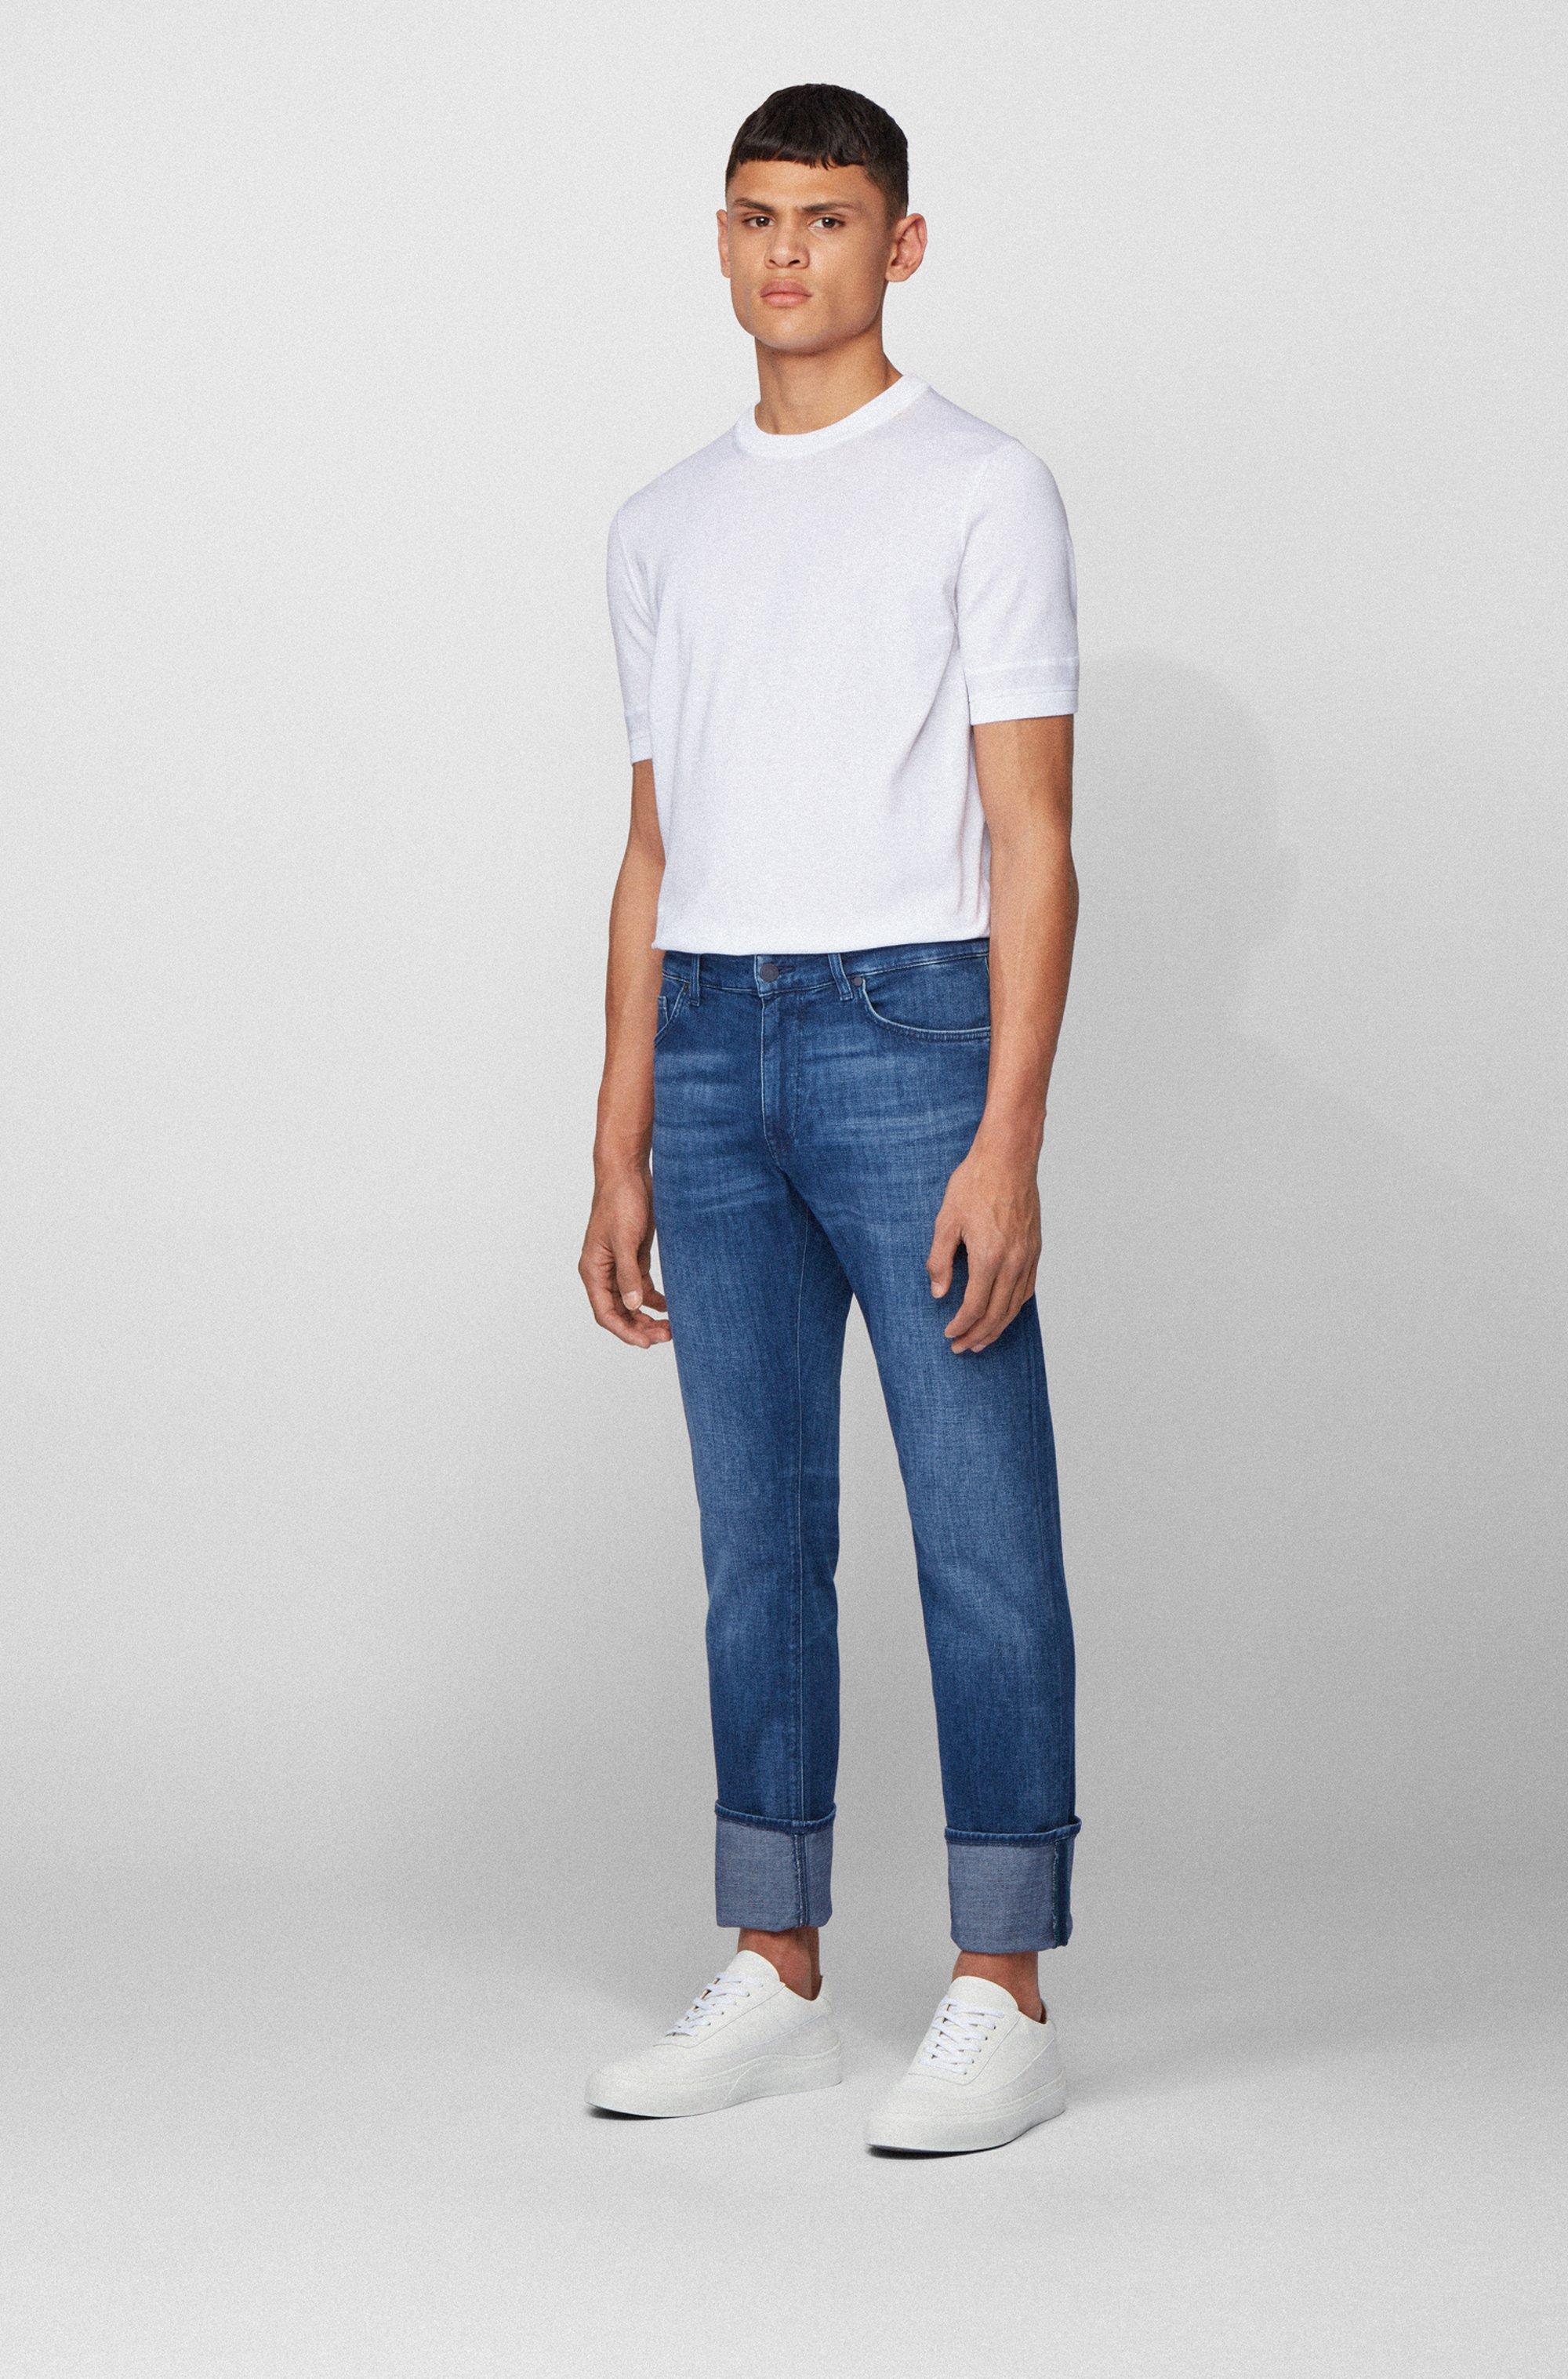 Jeans regular fit in morbidissimo denim elasticizzato realizzato in Italia